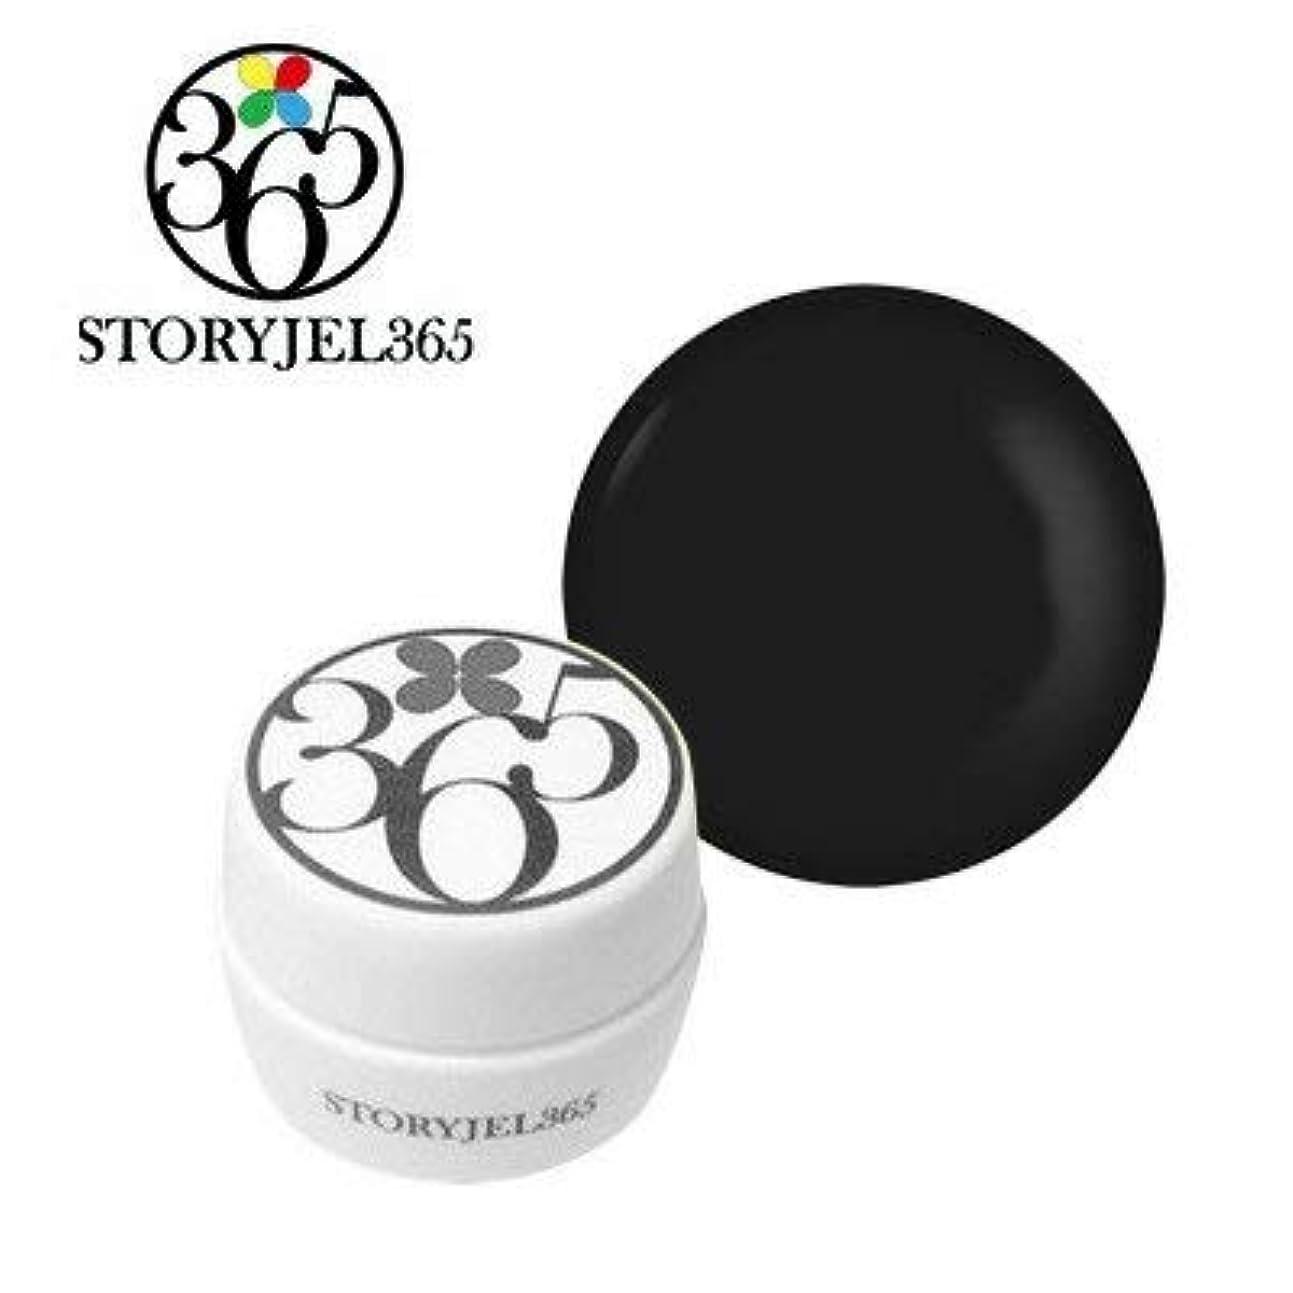 バレーボール収穫難しいSTORYJEL365 カラージェル 5g (ストーリージェル) SJS-301M-D 聖なる石